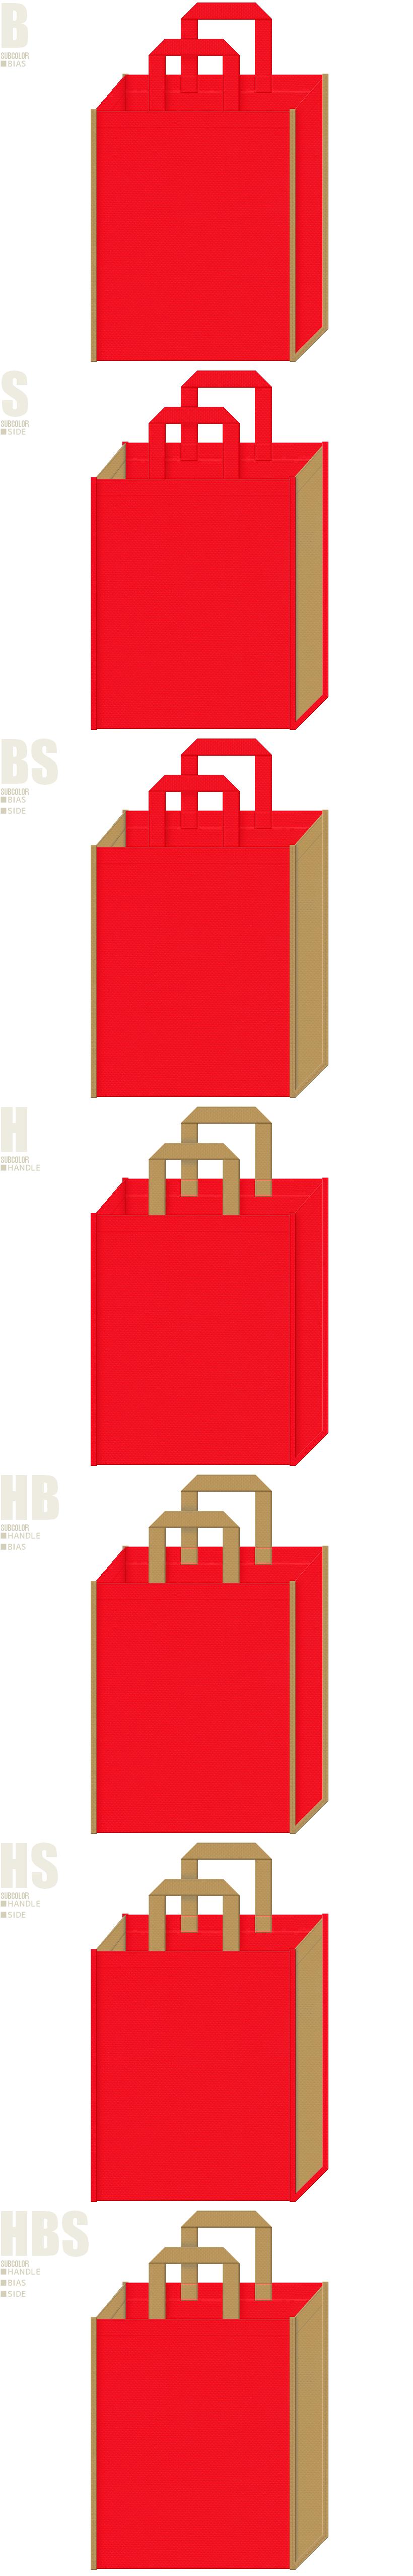 福袋にお奨めの不織布バッグデザイン:赤色と金黄土色の配色7パターン